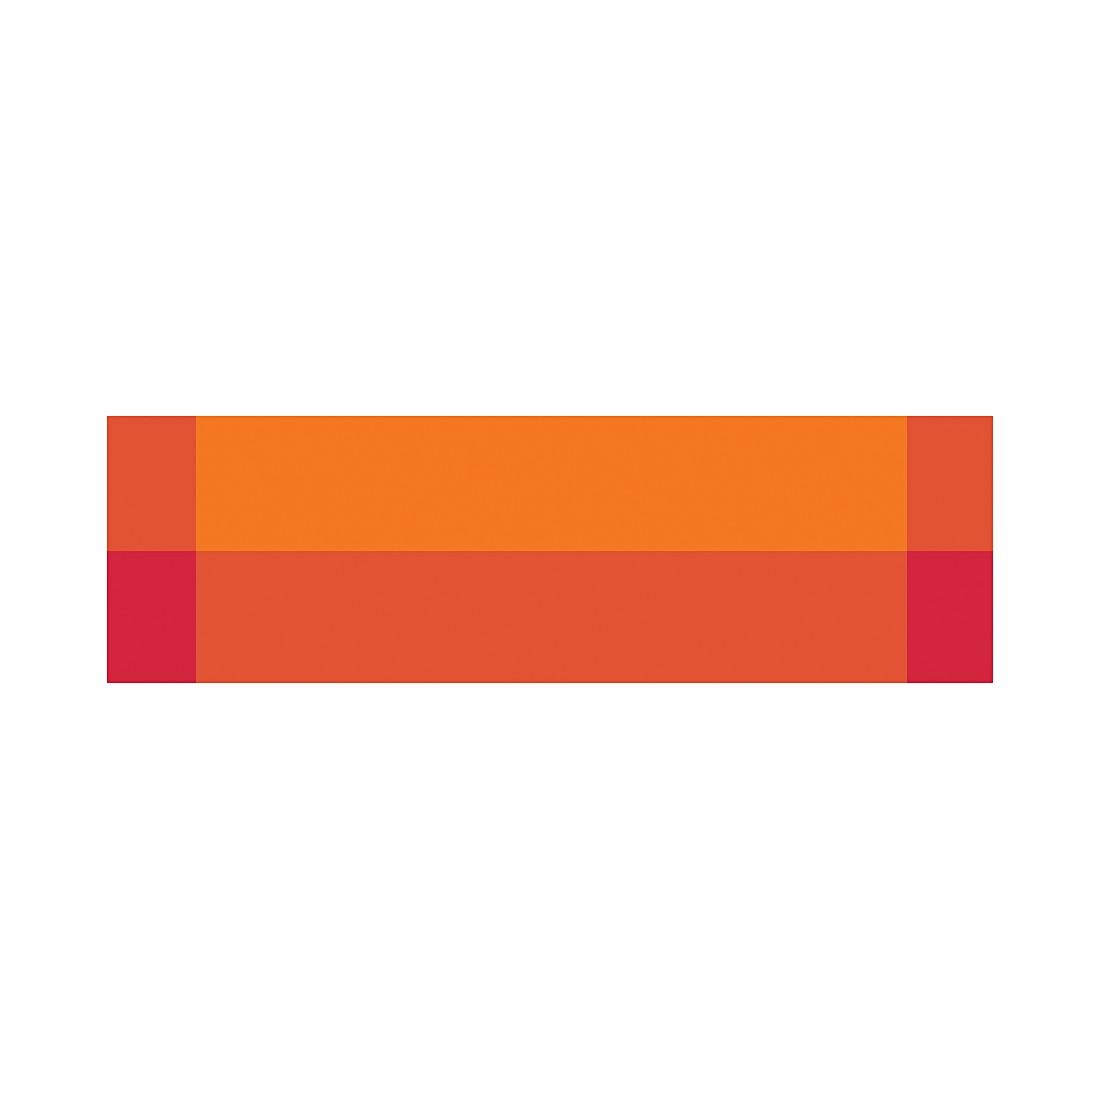 Tischläufer Zarah – orange, Contento jetzt kaufen